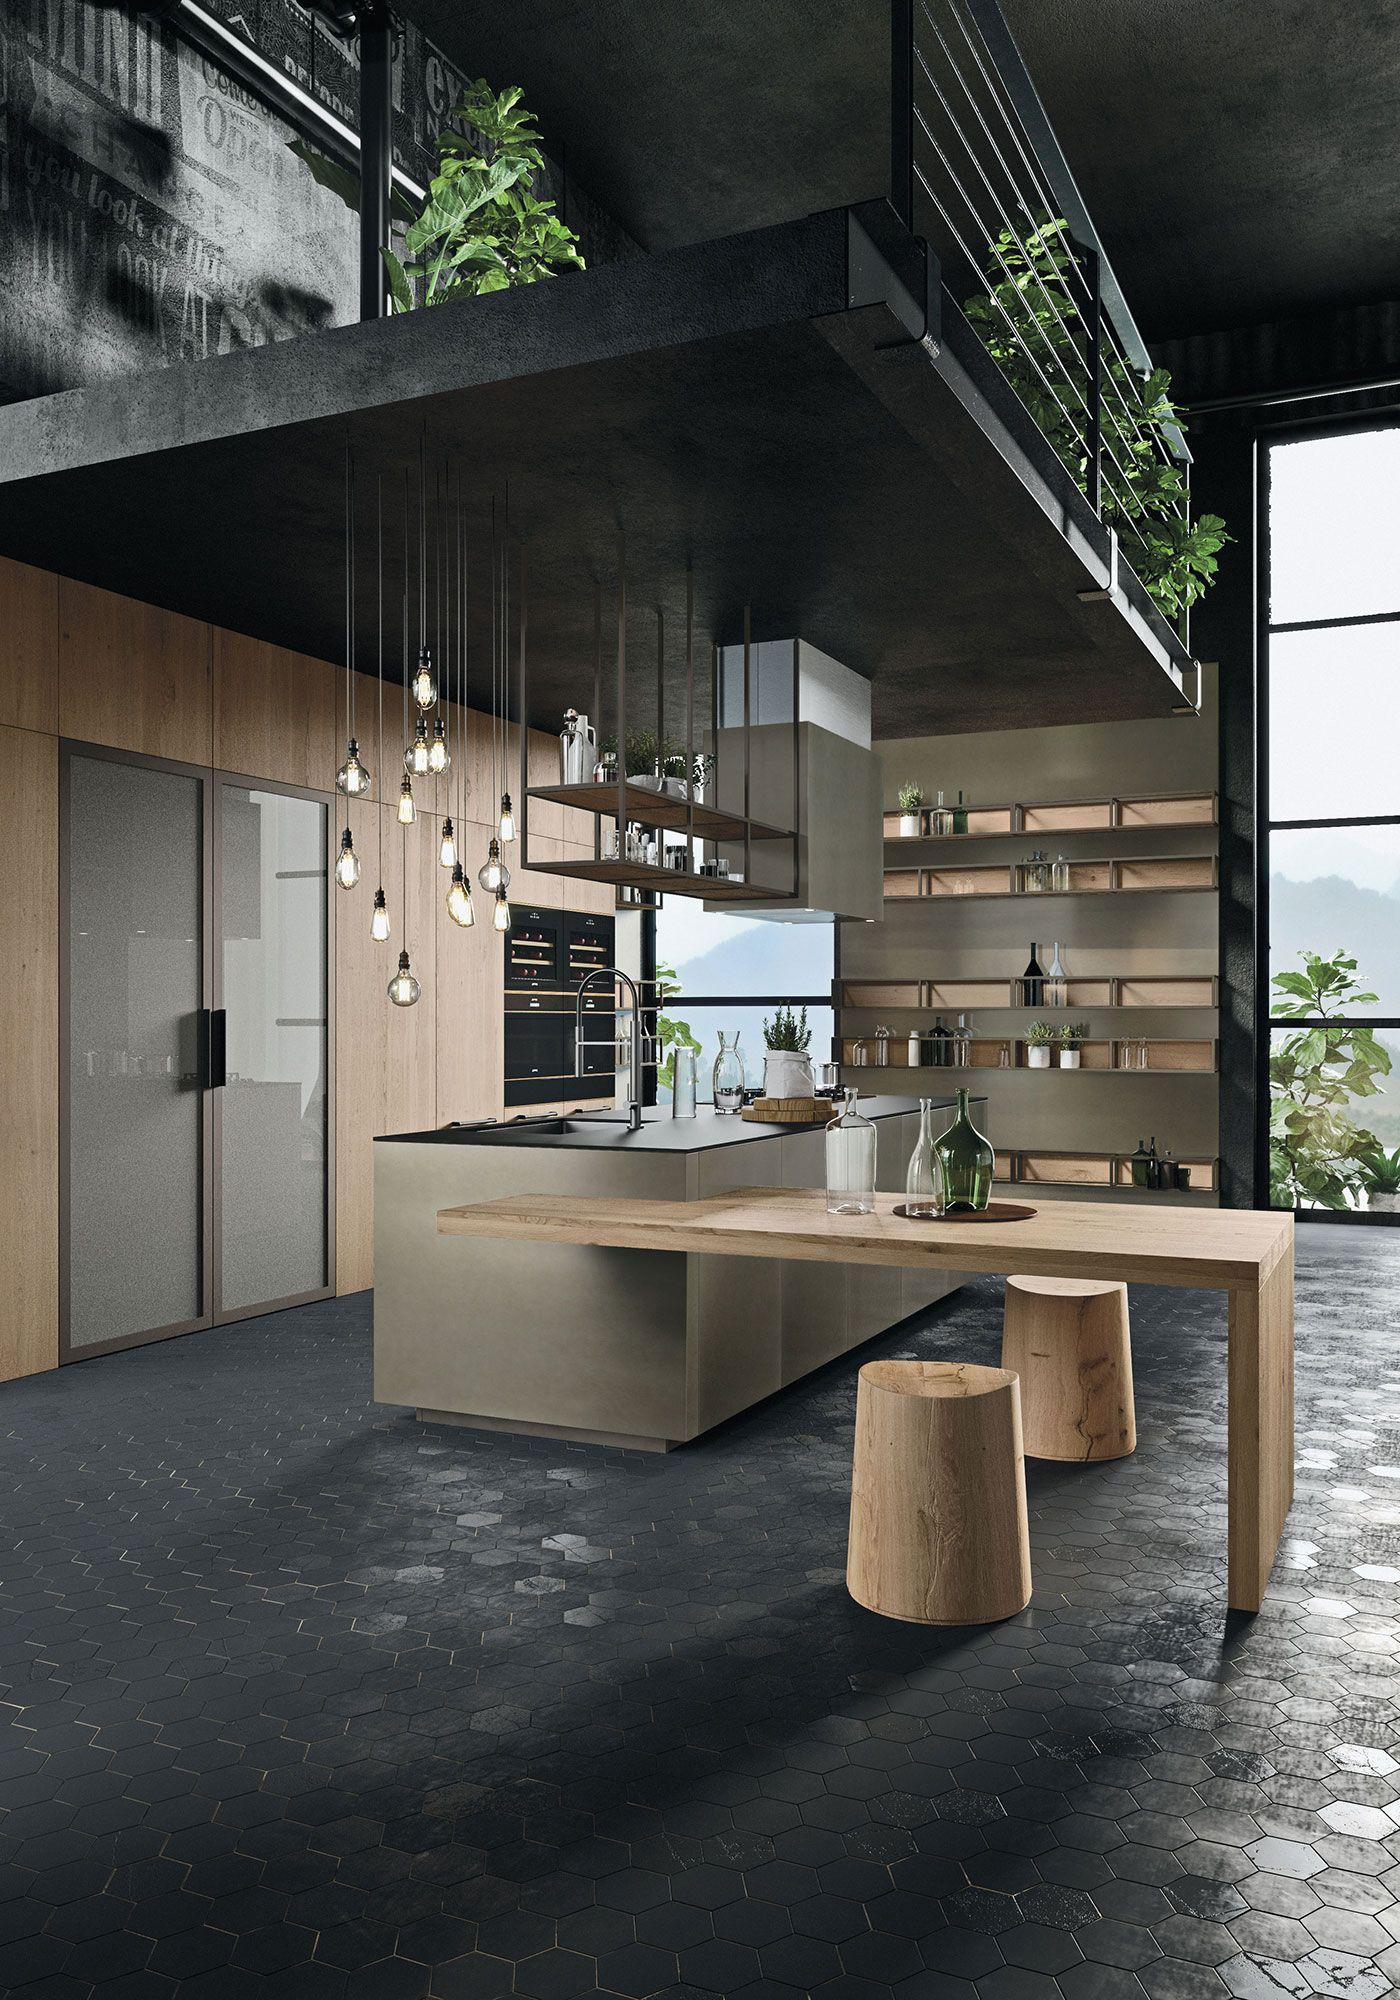 cucina moderna Opera | KitchenStyle | Pinterest | Küche, Vorstellung ...